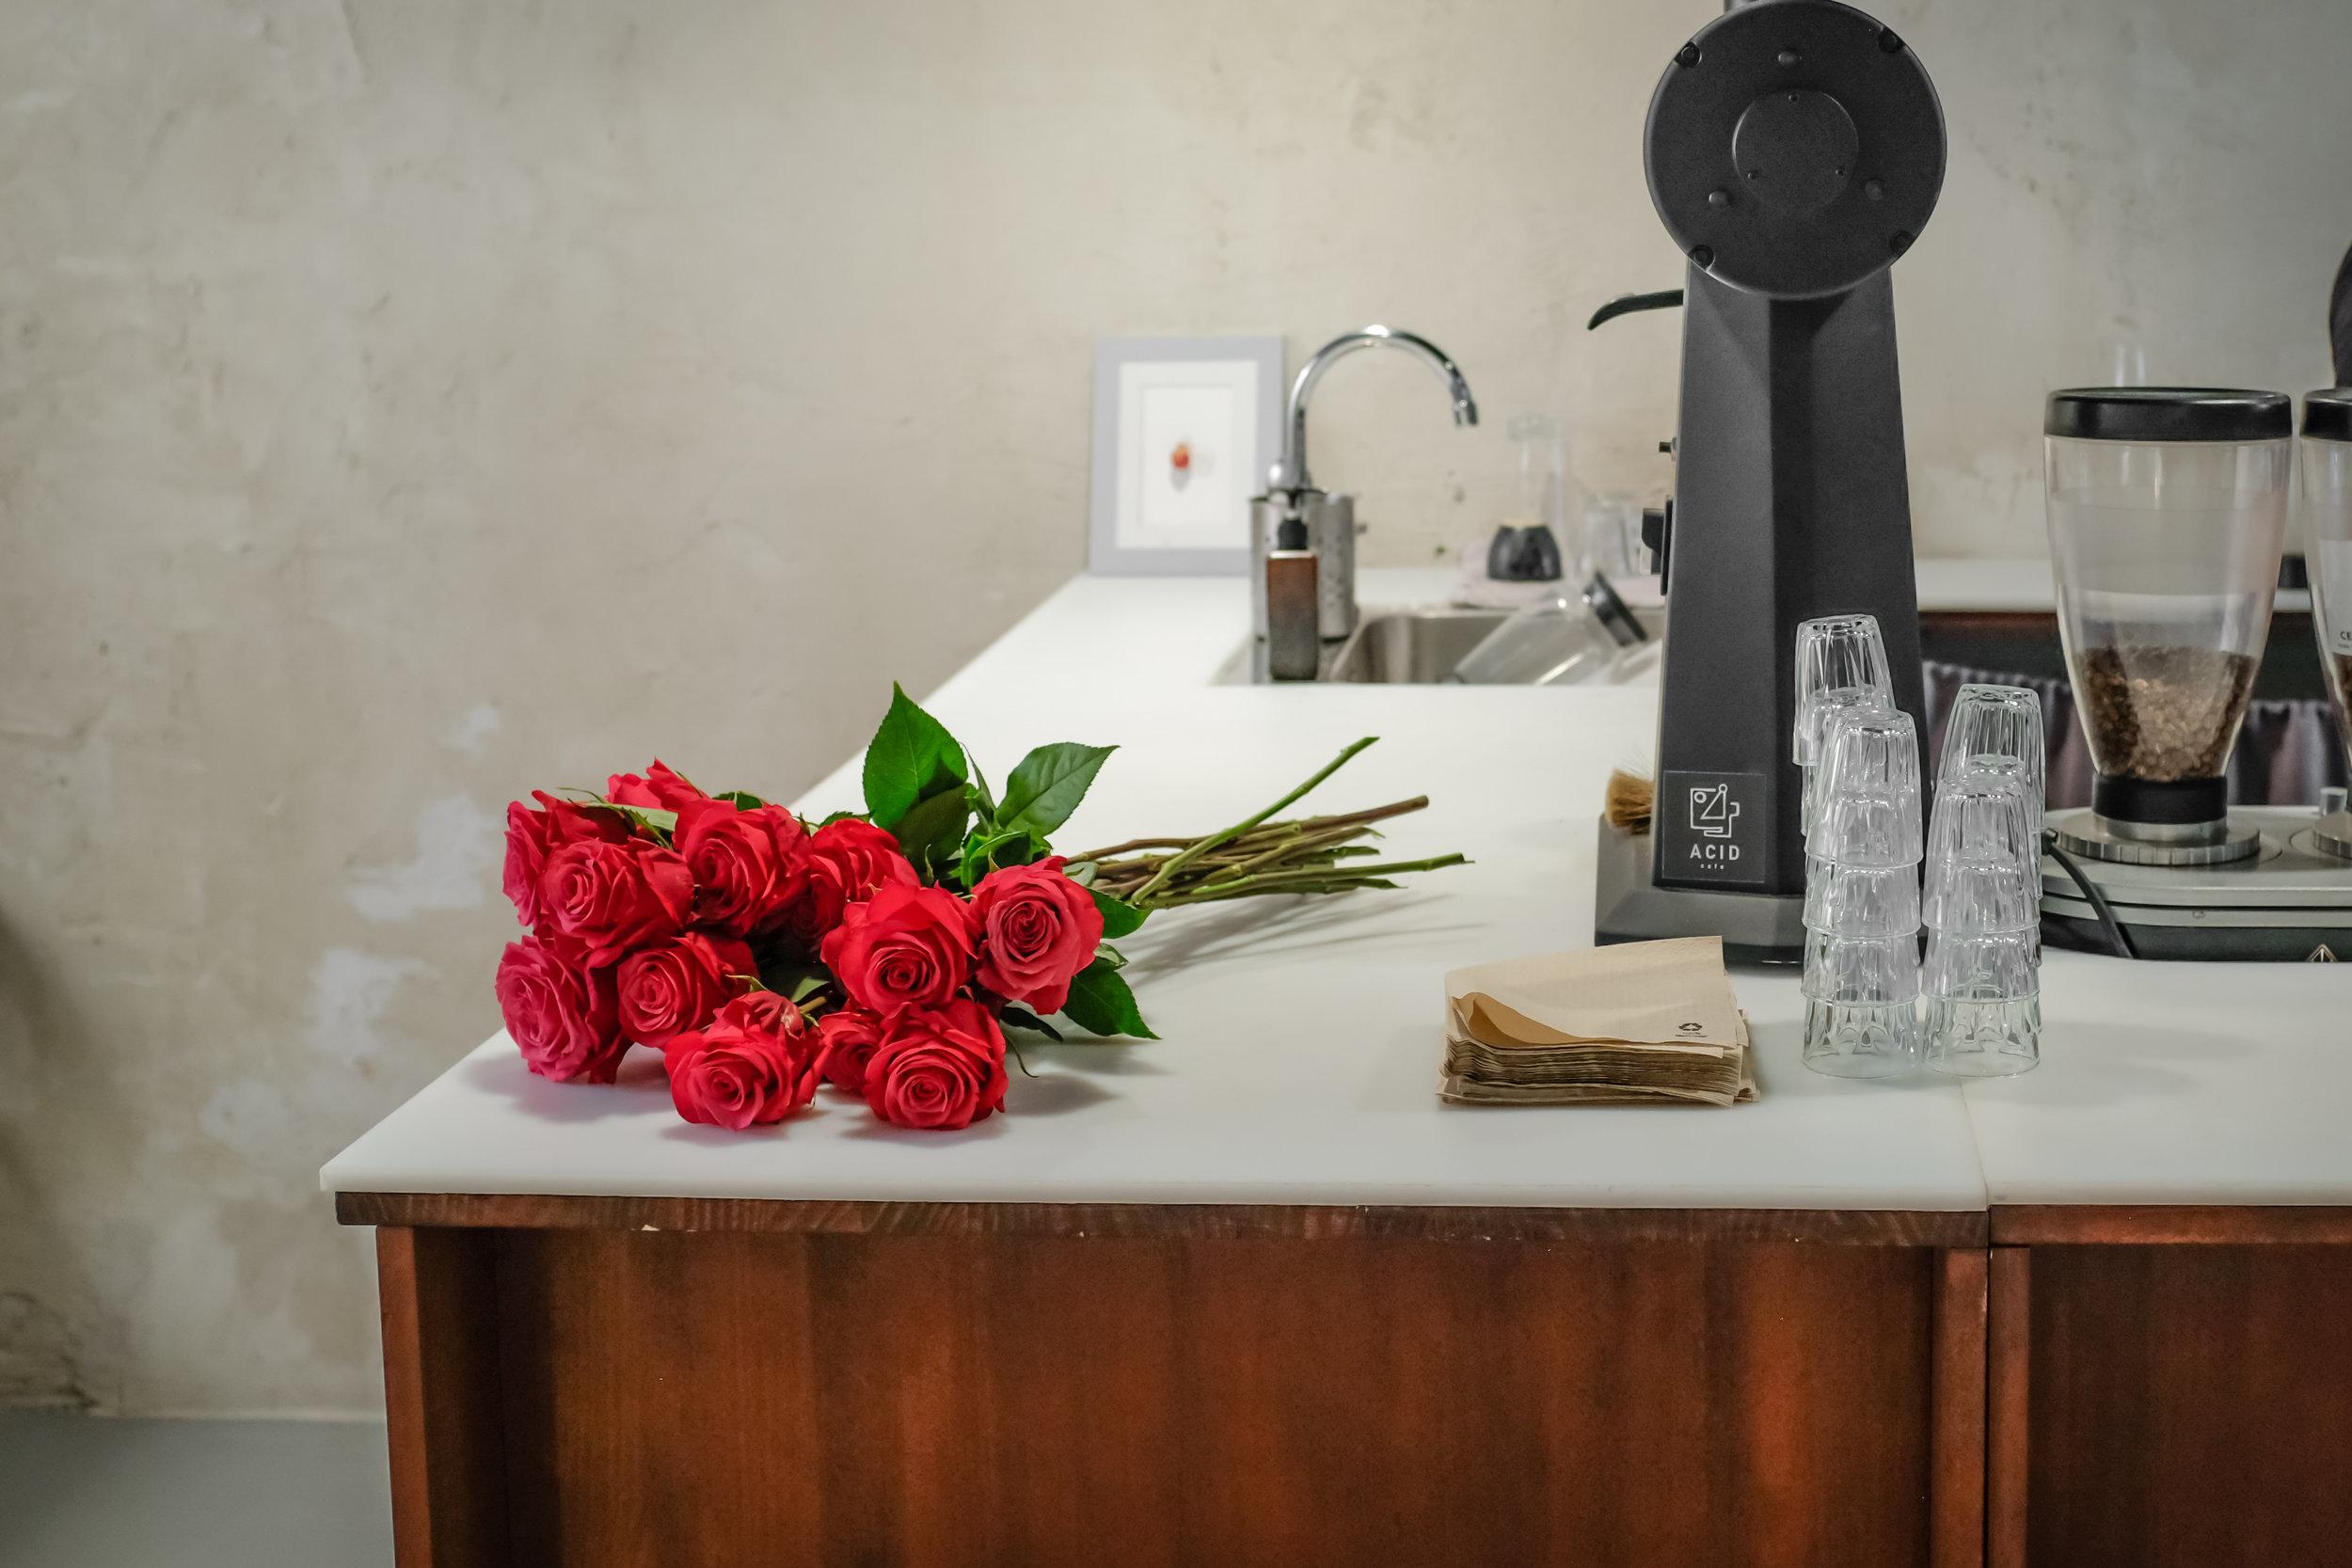 servicio-de-floristeria-para-locales-y-oficinas-el-florista-floristeria-madrid